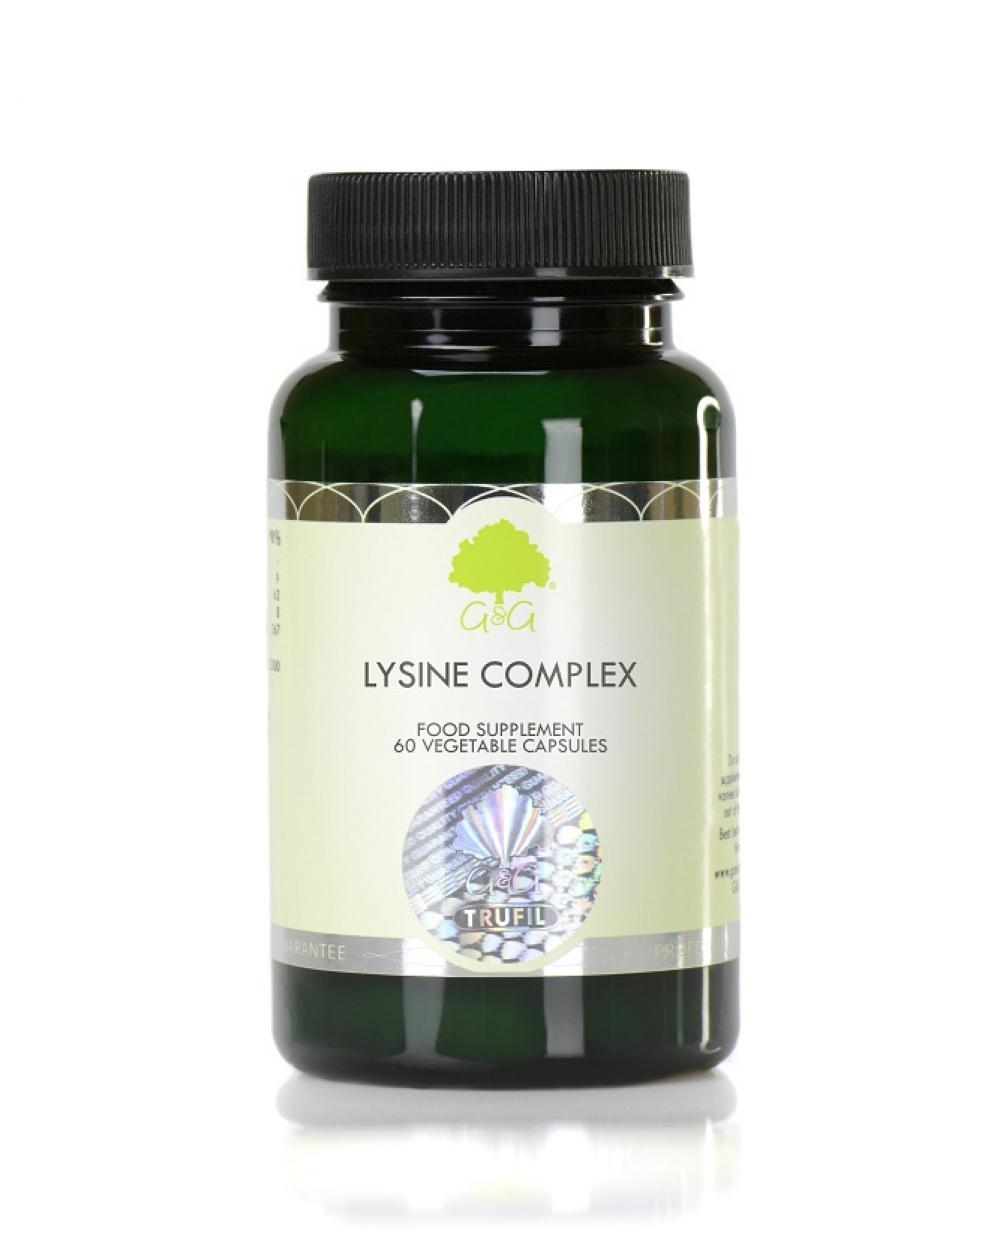 G&G Vitamins Lysine Complex (Lysin, Vitamin C, Zink) 60 veg. Kapseln (43,8g)(vegan)